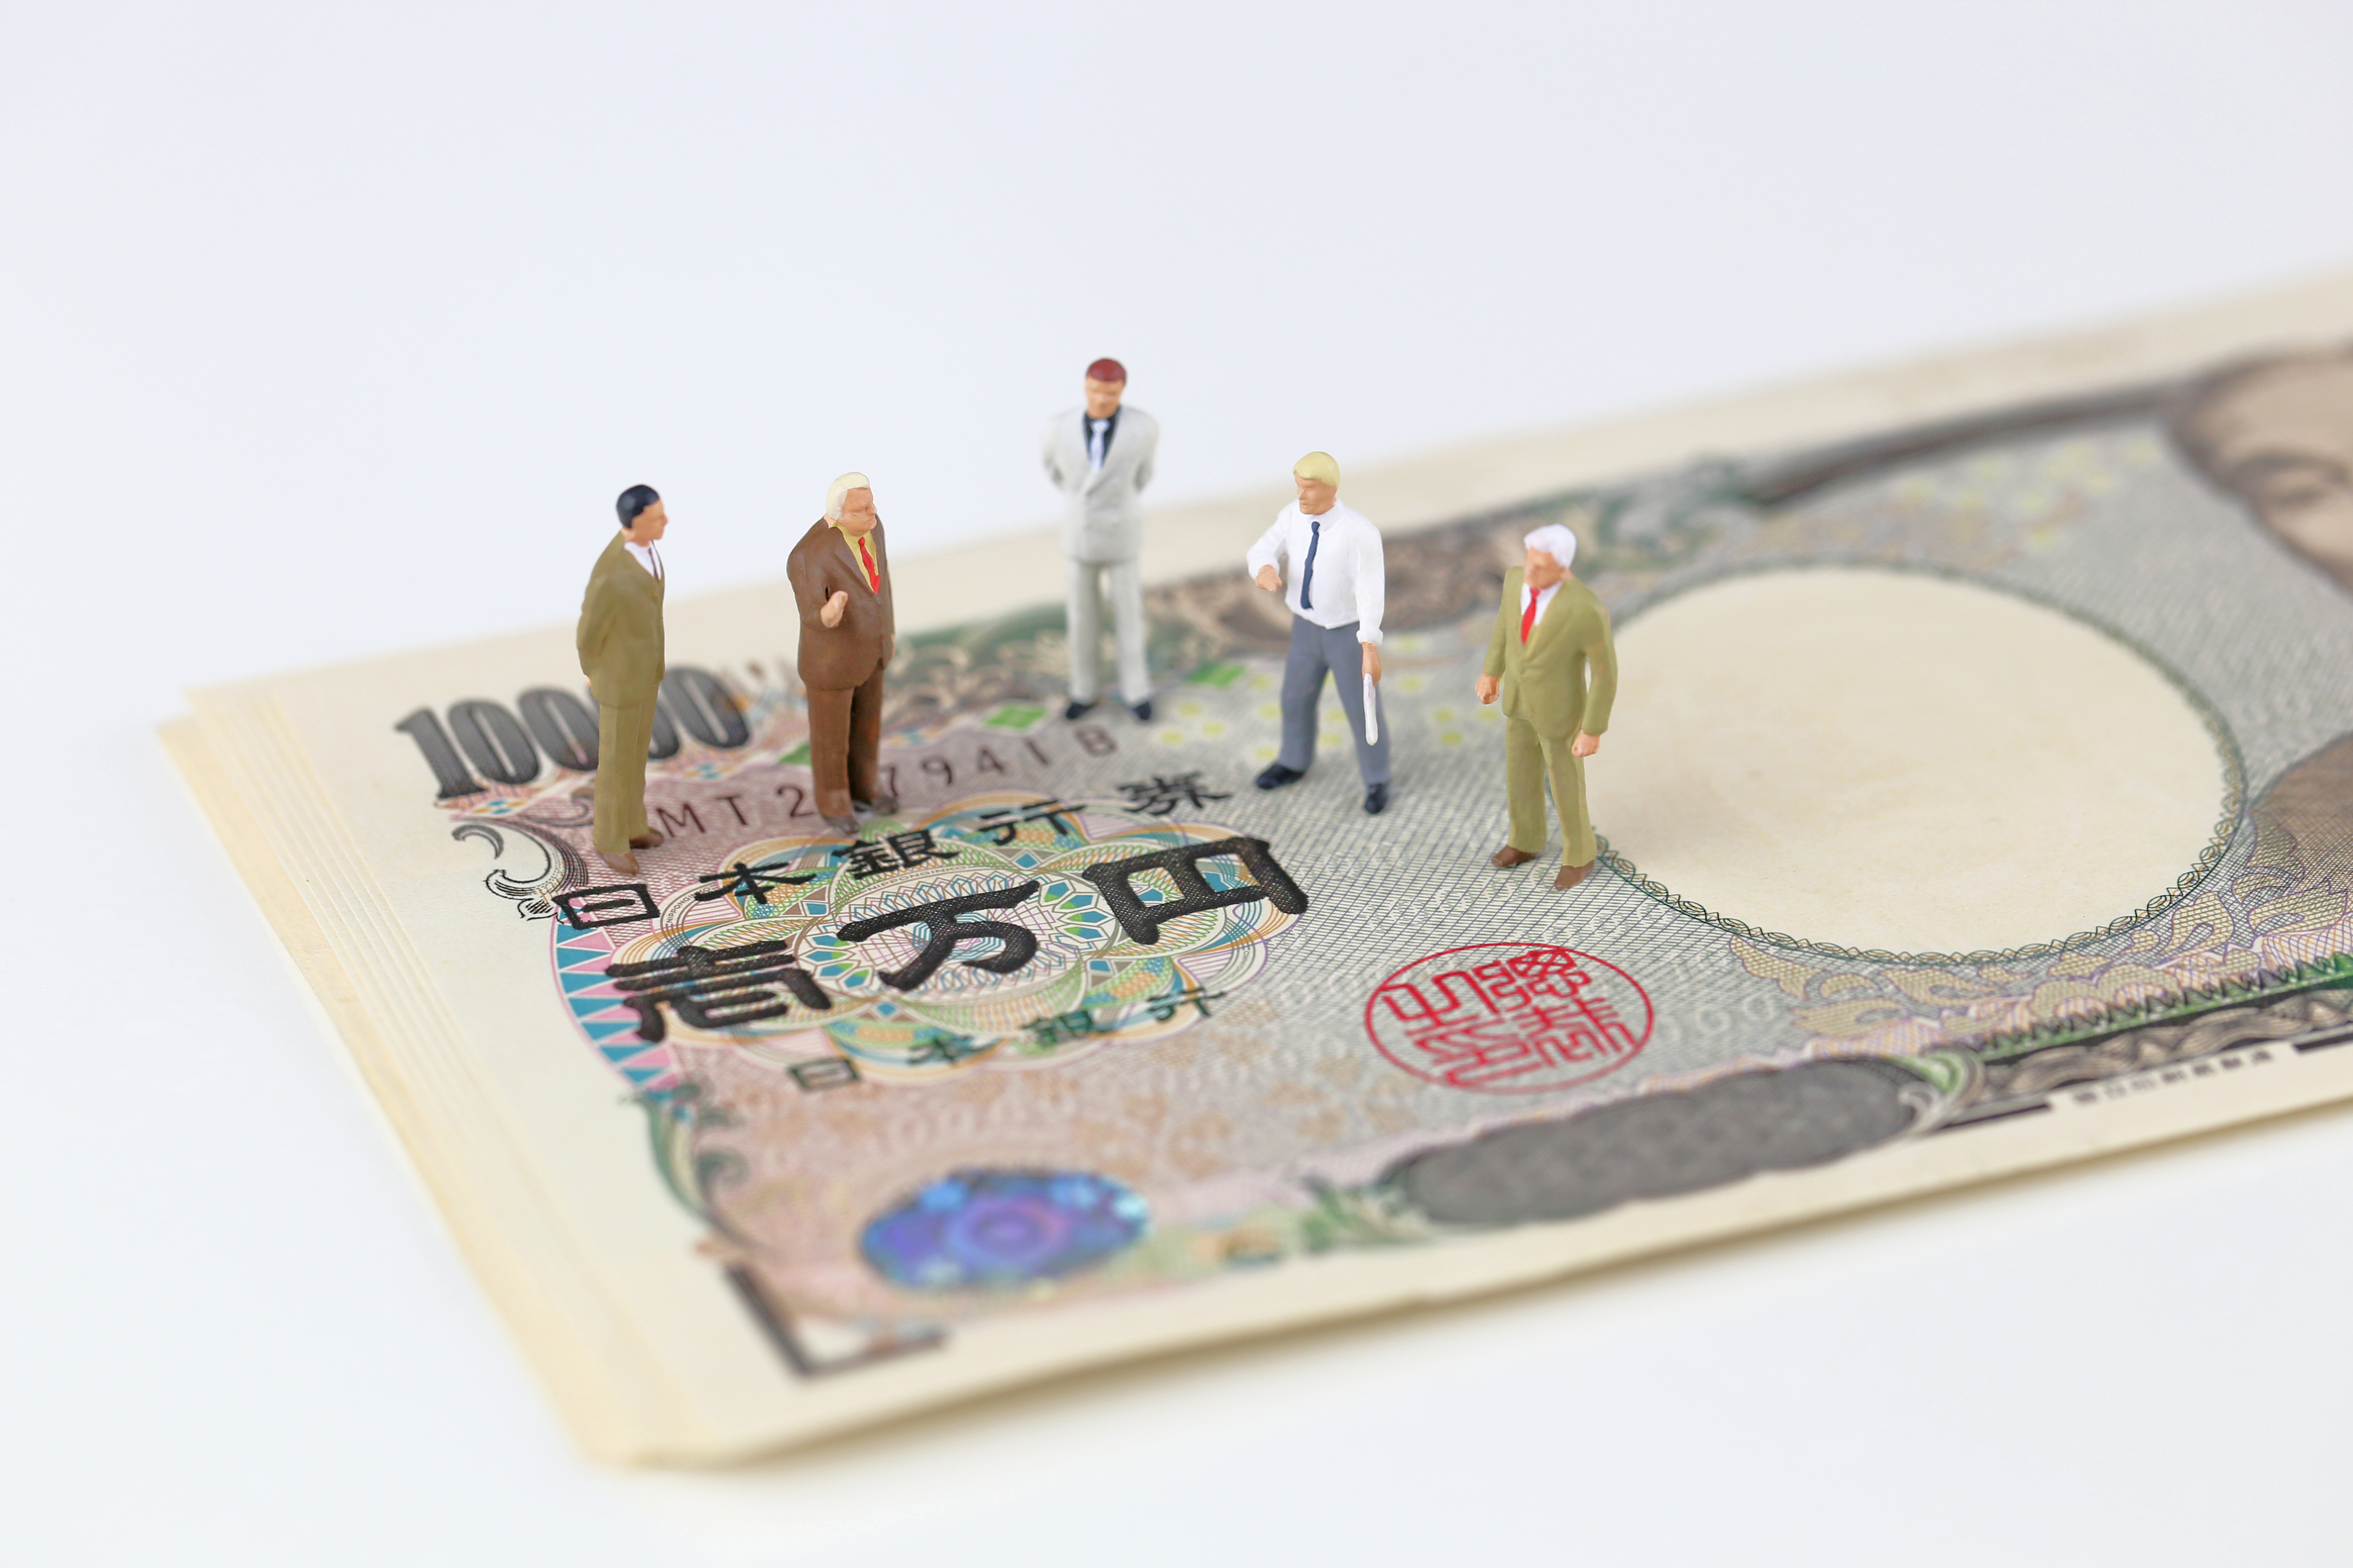 ドコモが顧客の信用スコアを提供、金融機関の即日融資に活用される!